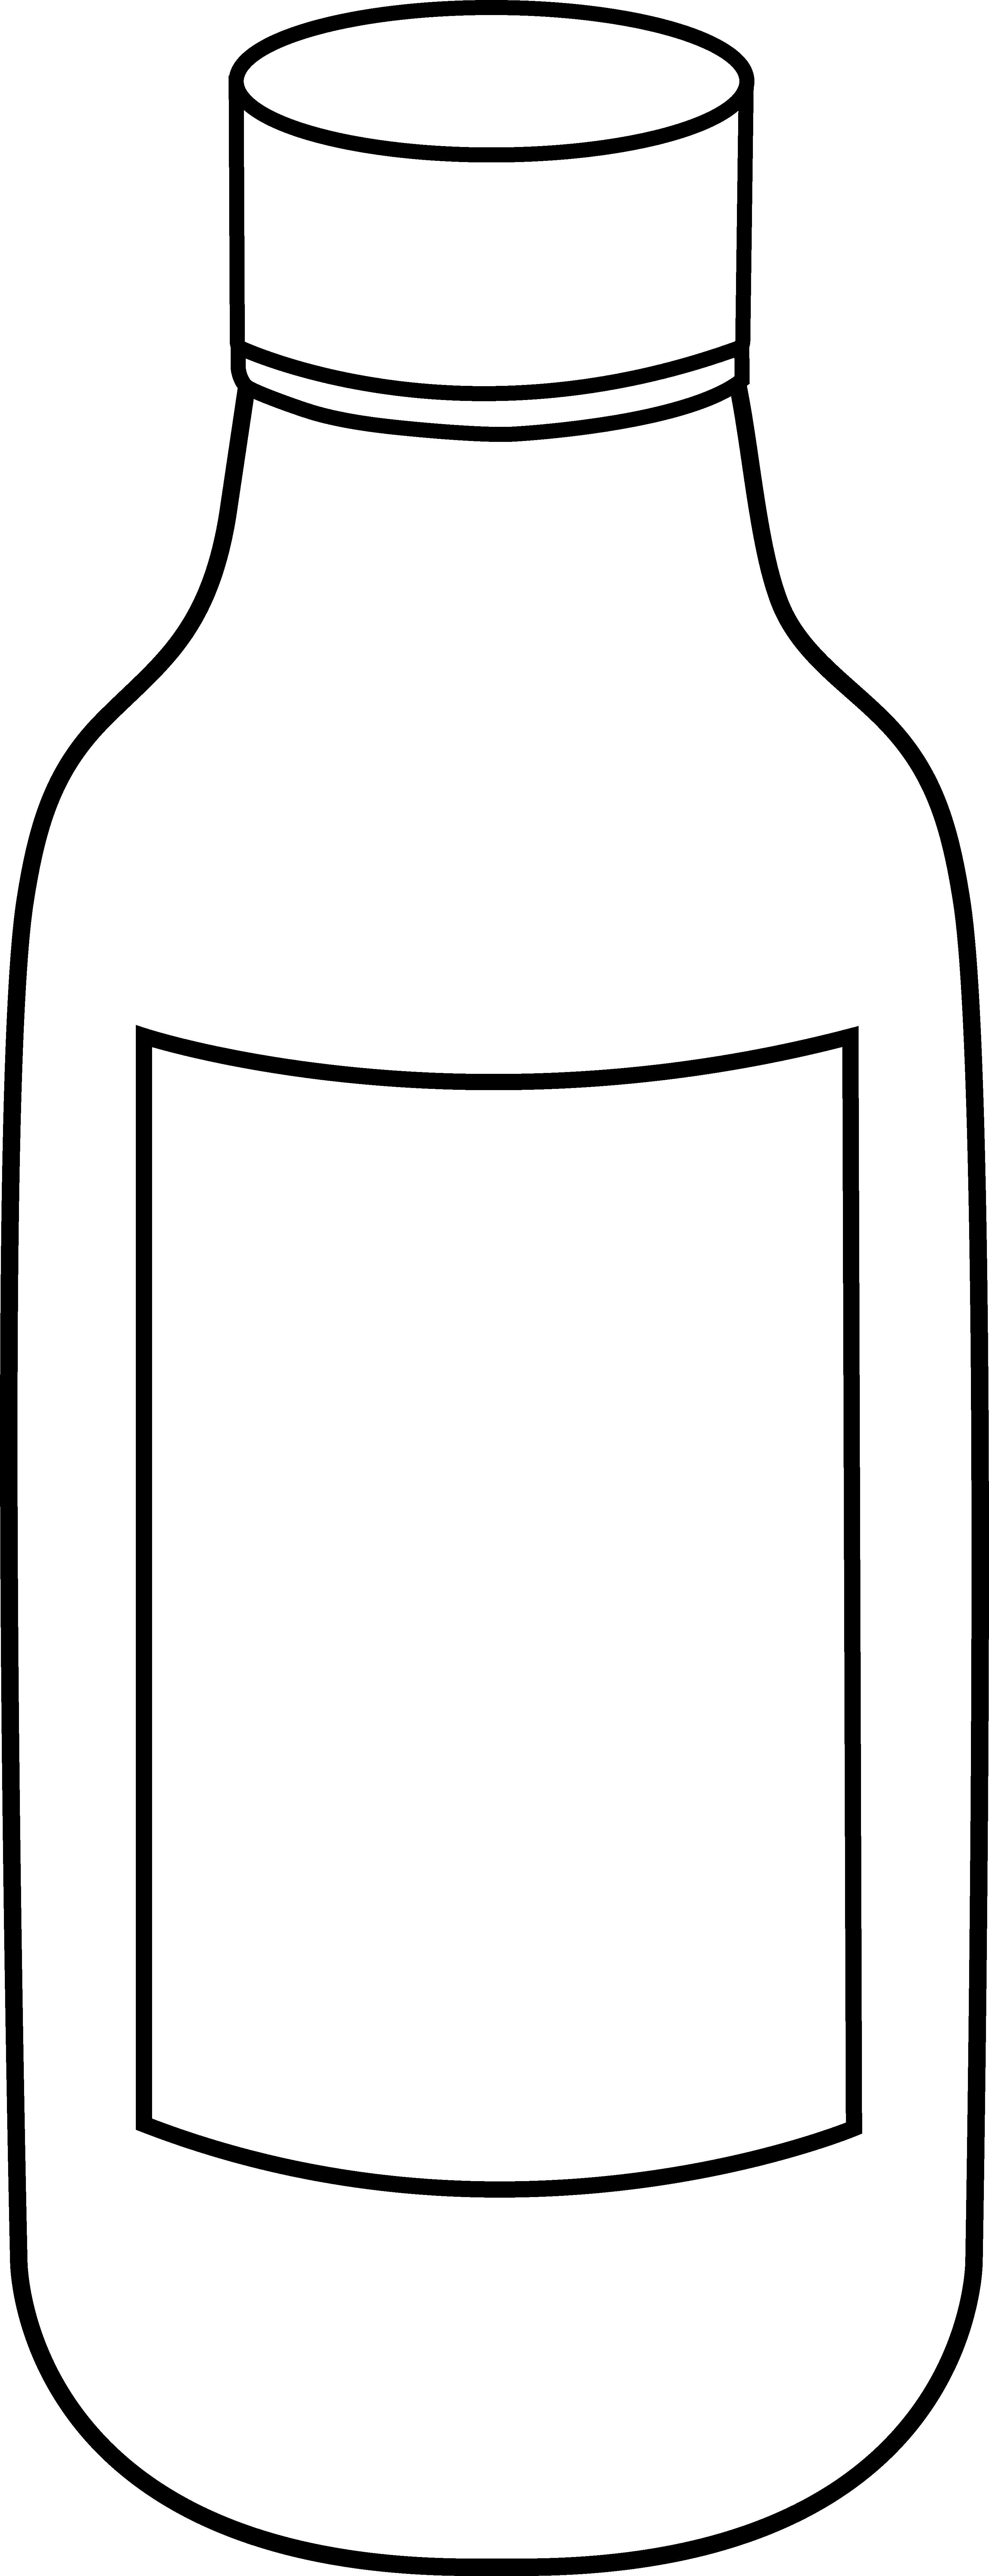 Line Art Jug : Jug png black and white transparent